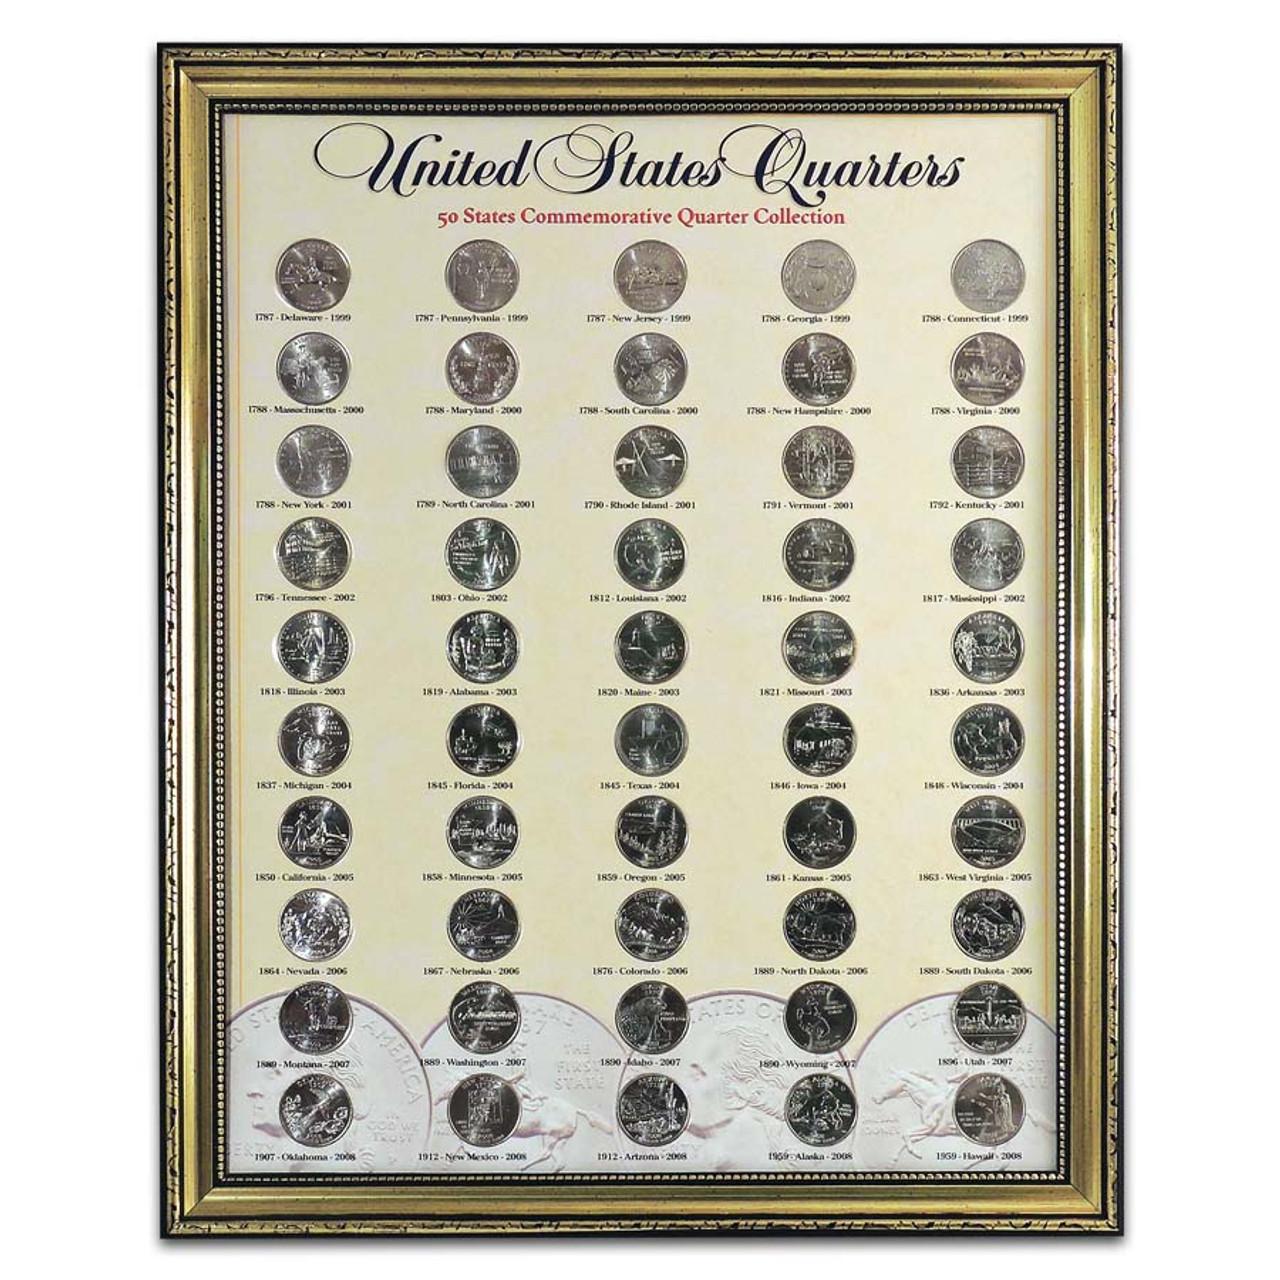 1999-2008 State Quarter Set in Frame